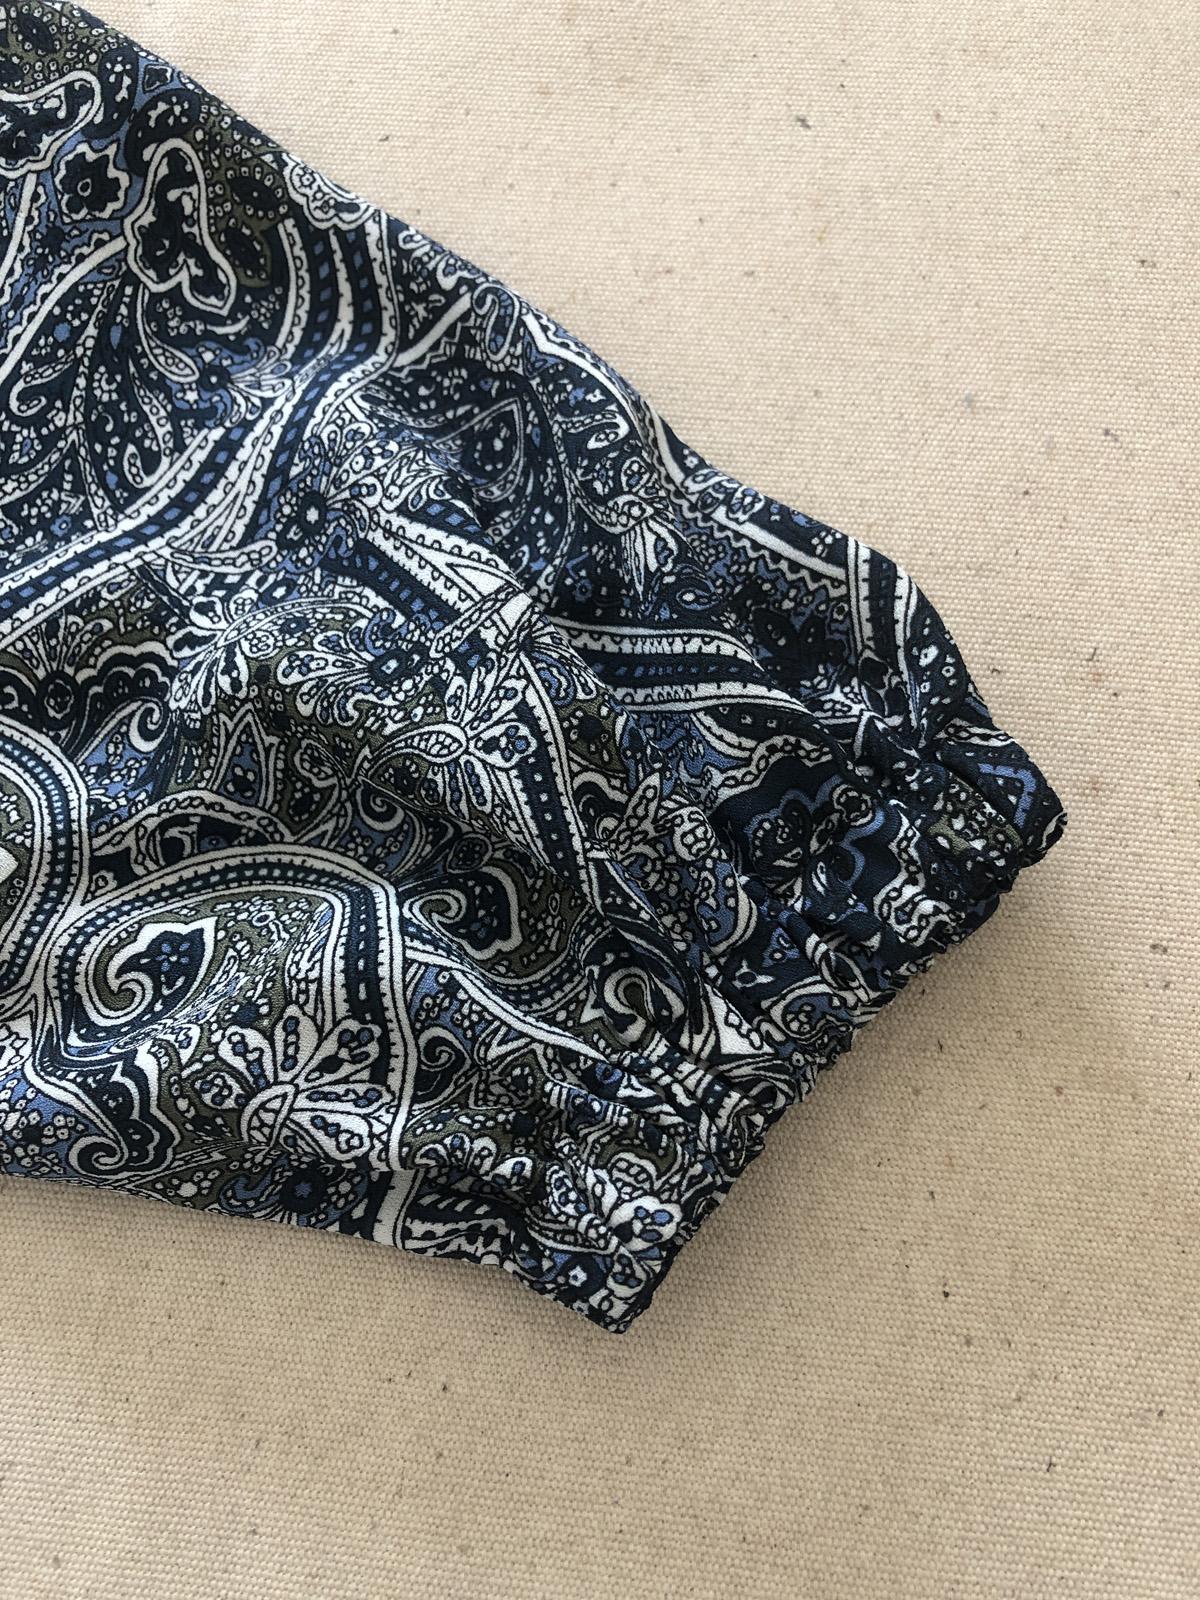 Elastic casing for the blouse sleeve hem